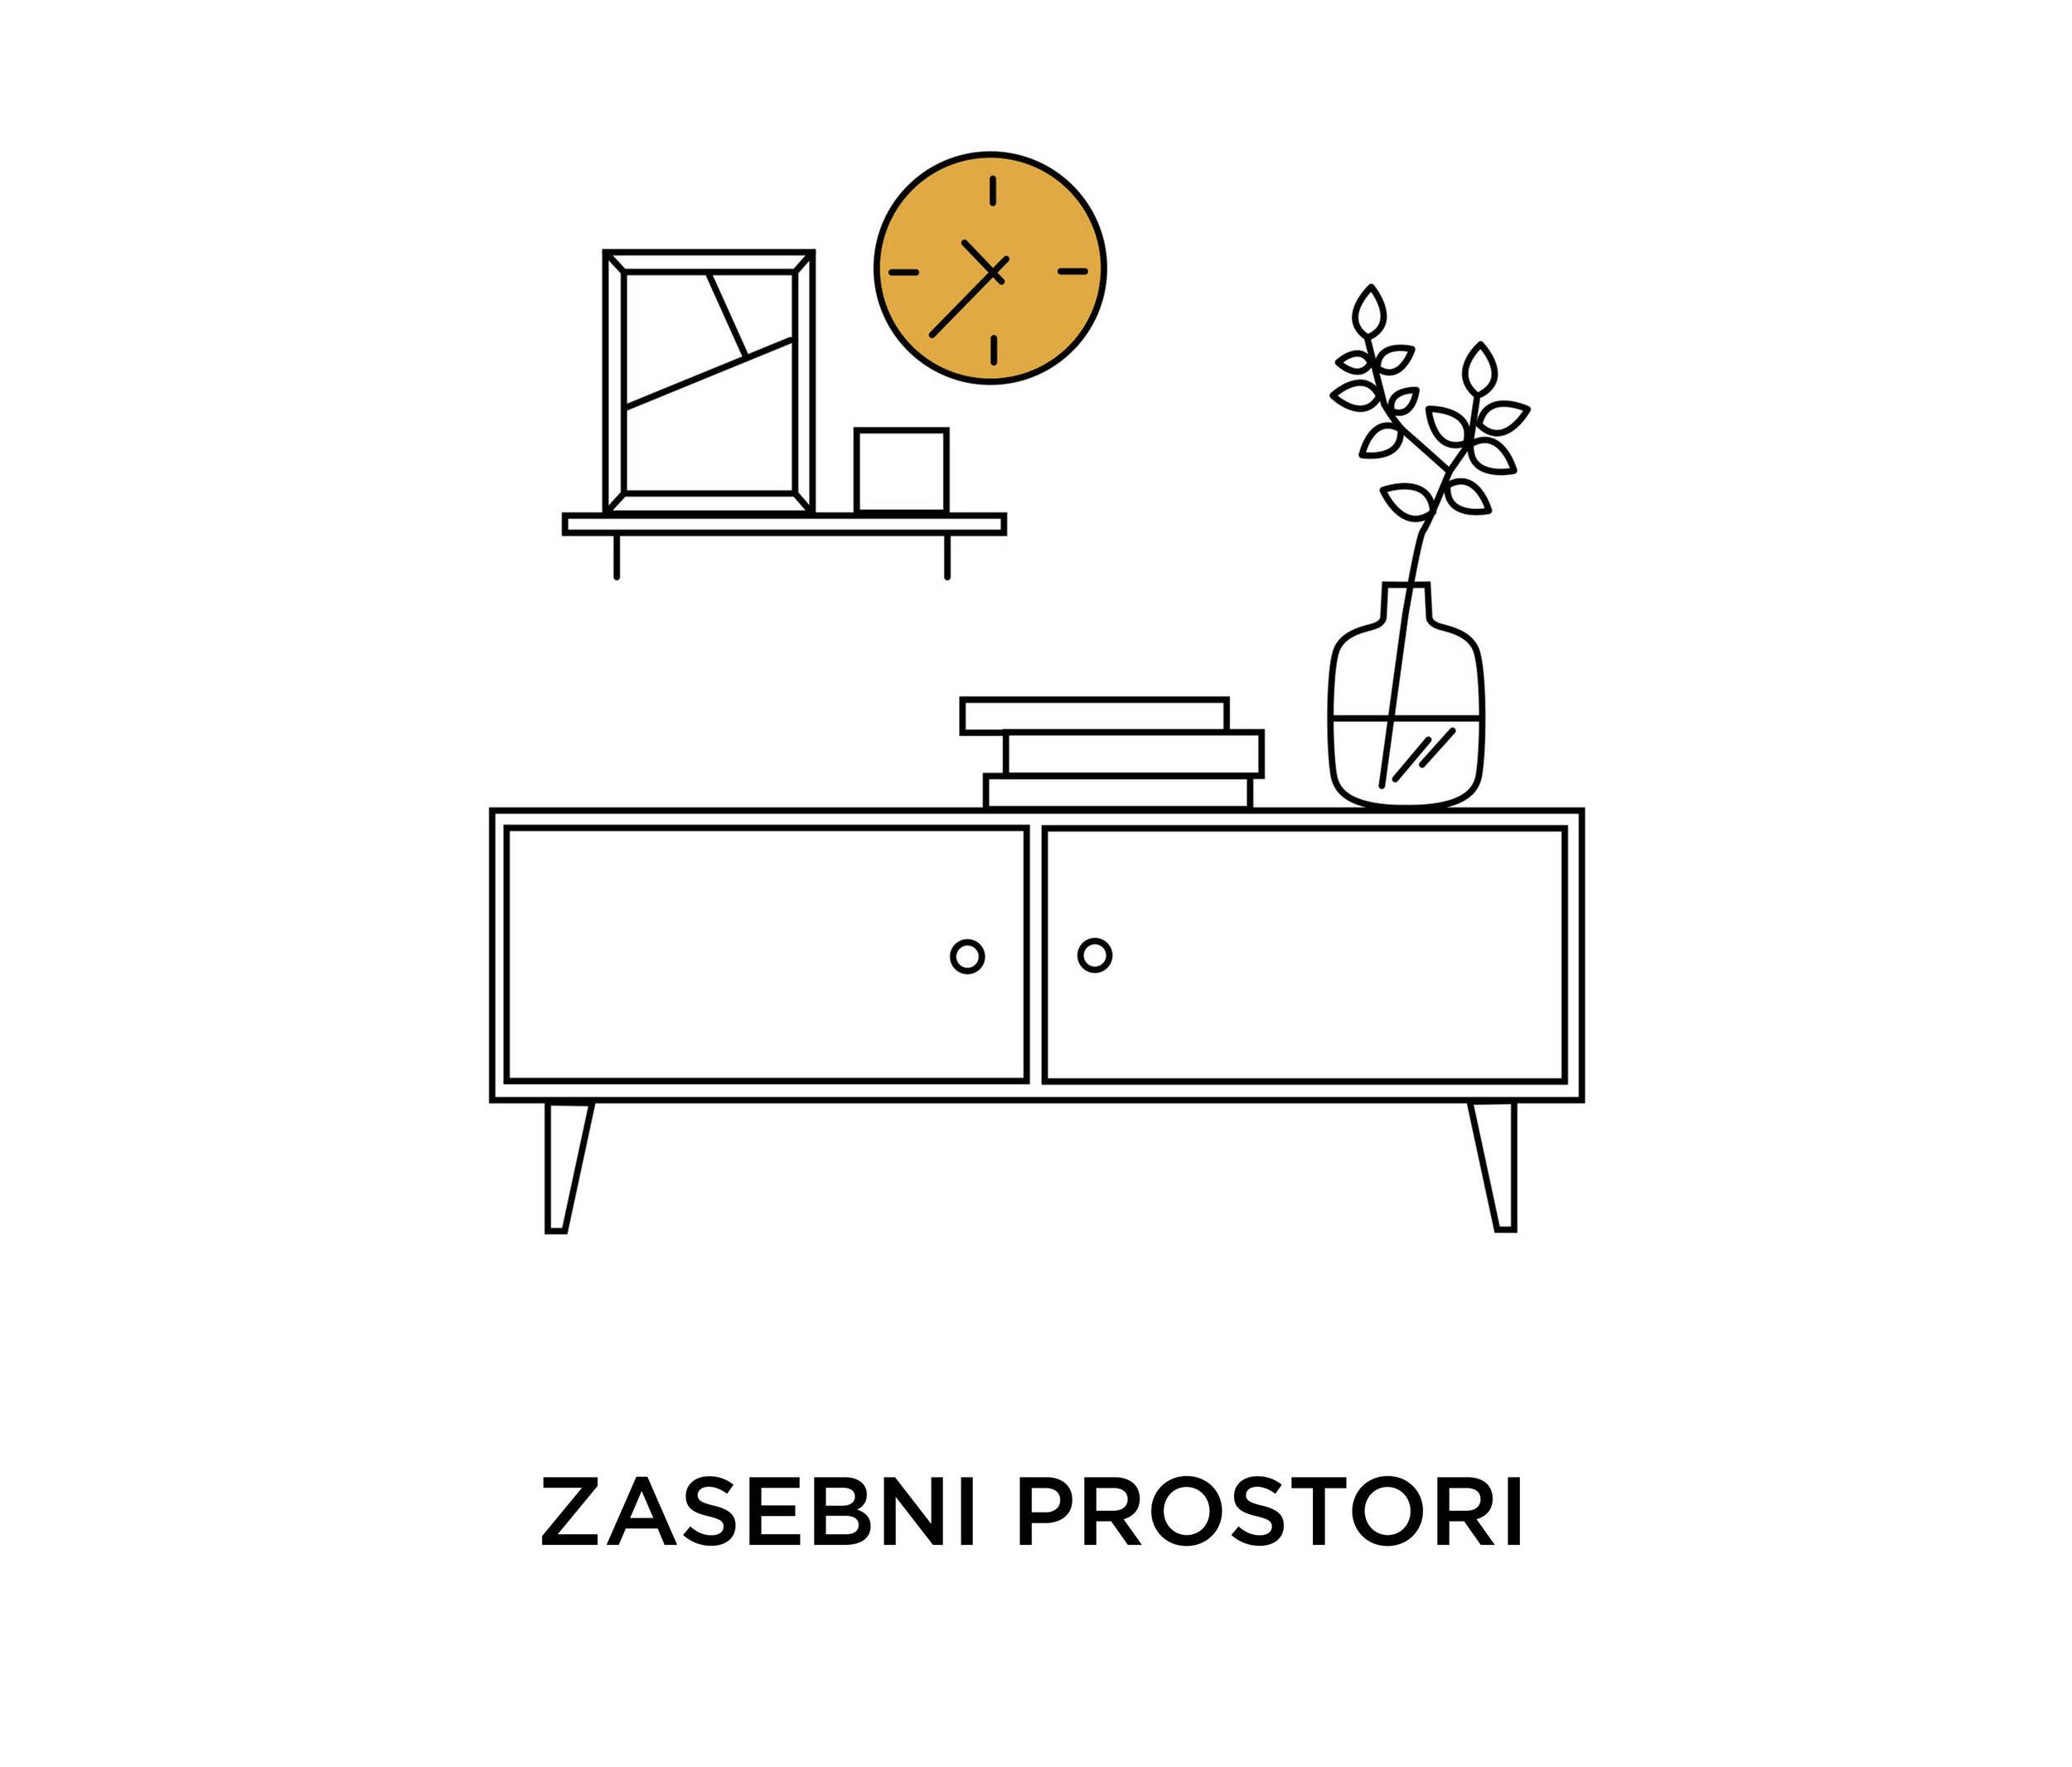 Zasebni interier - Prenova in idejna zasnova zasebnih prostorov, kot so kuhinje, dnevne sobe, spalnice, otroške sobe …